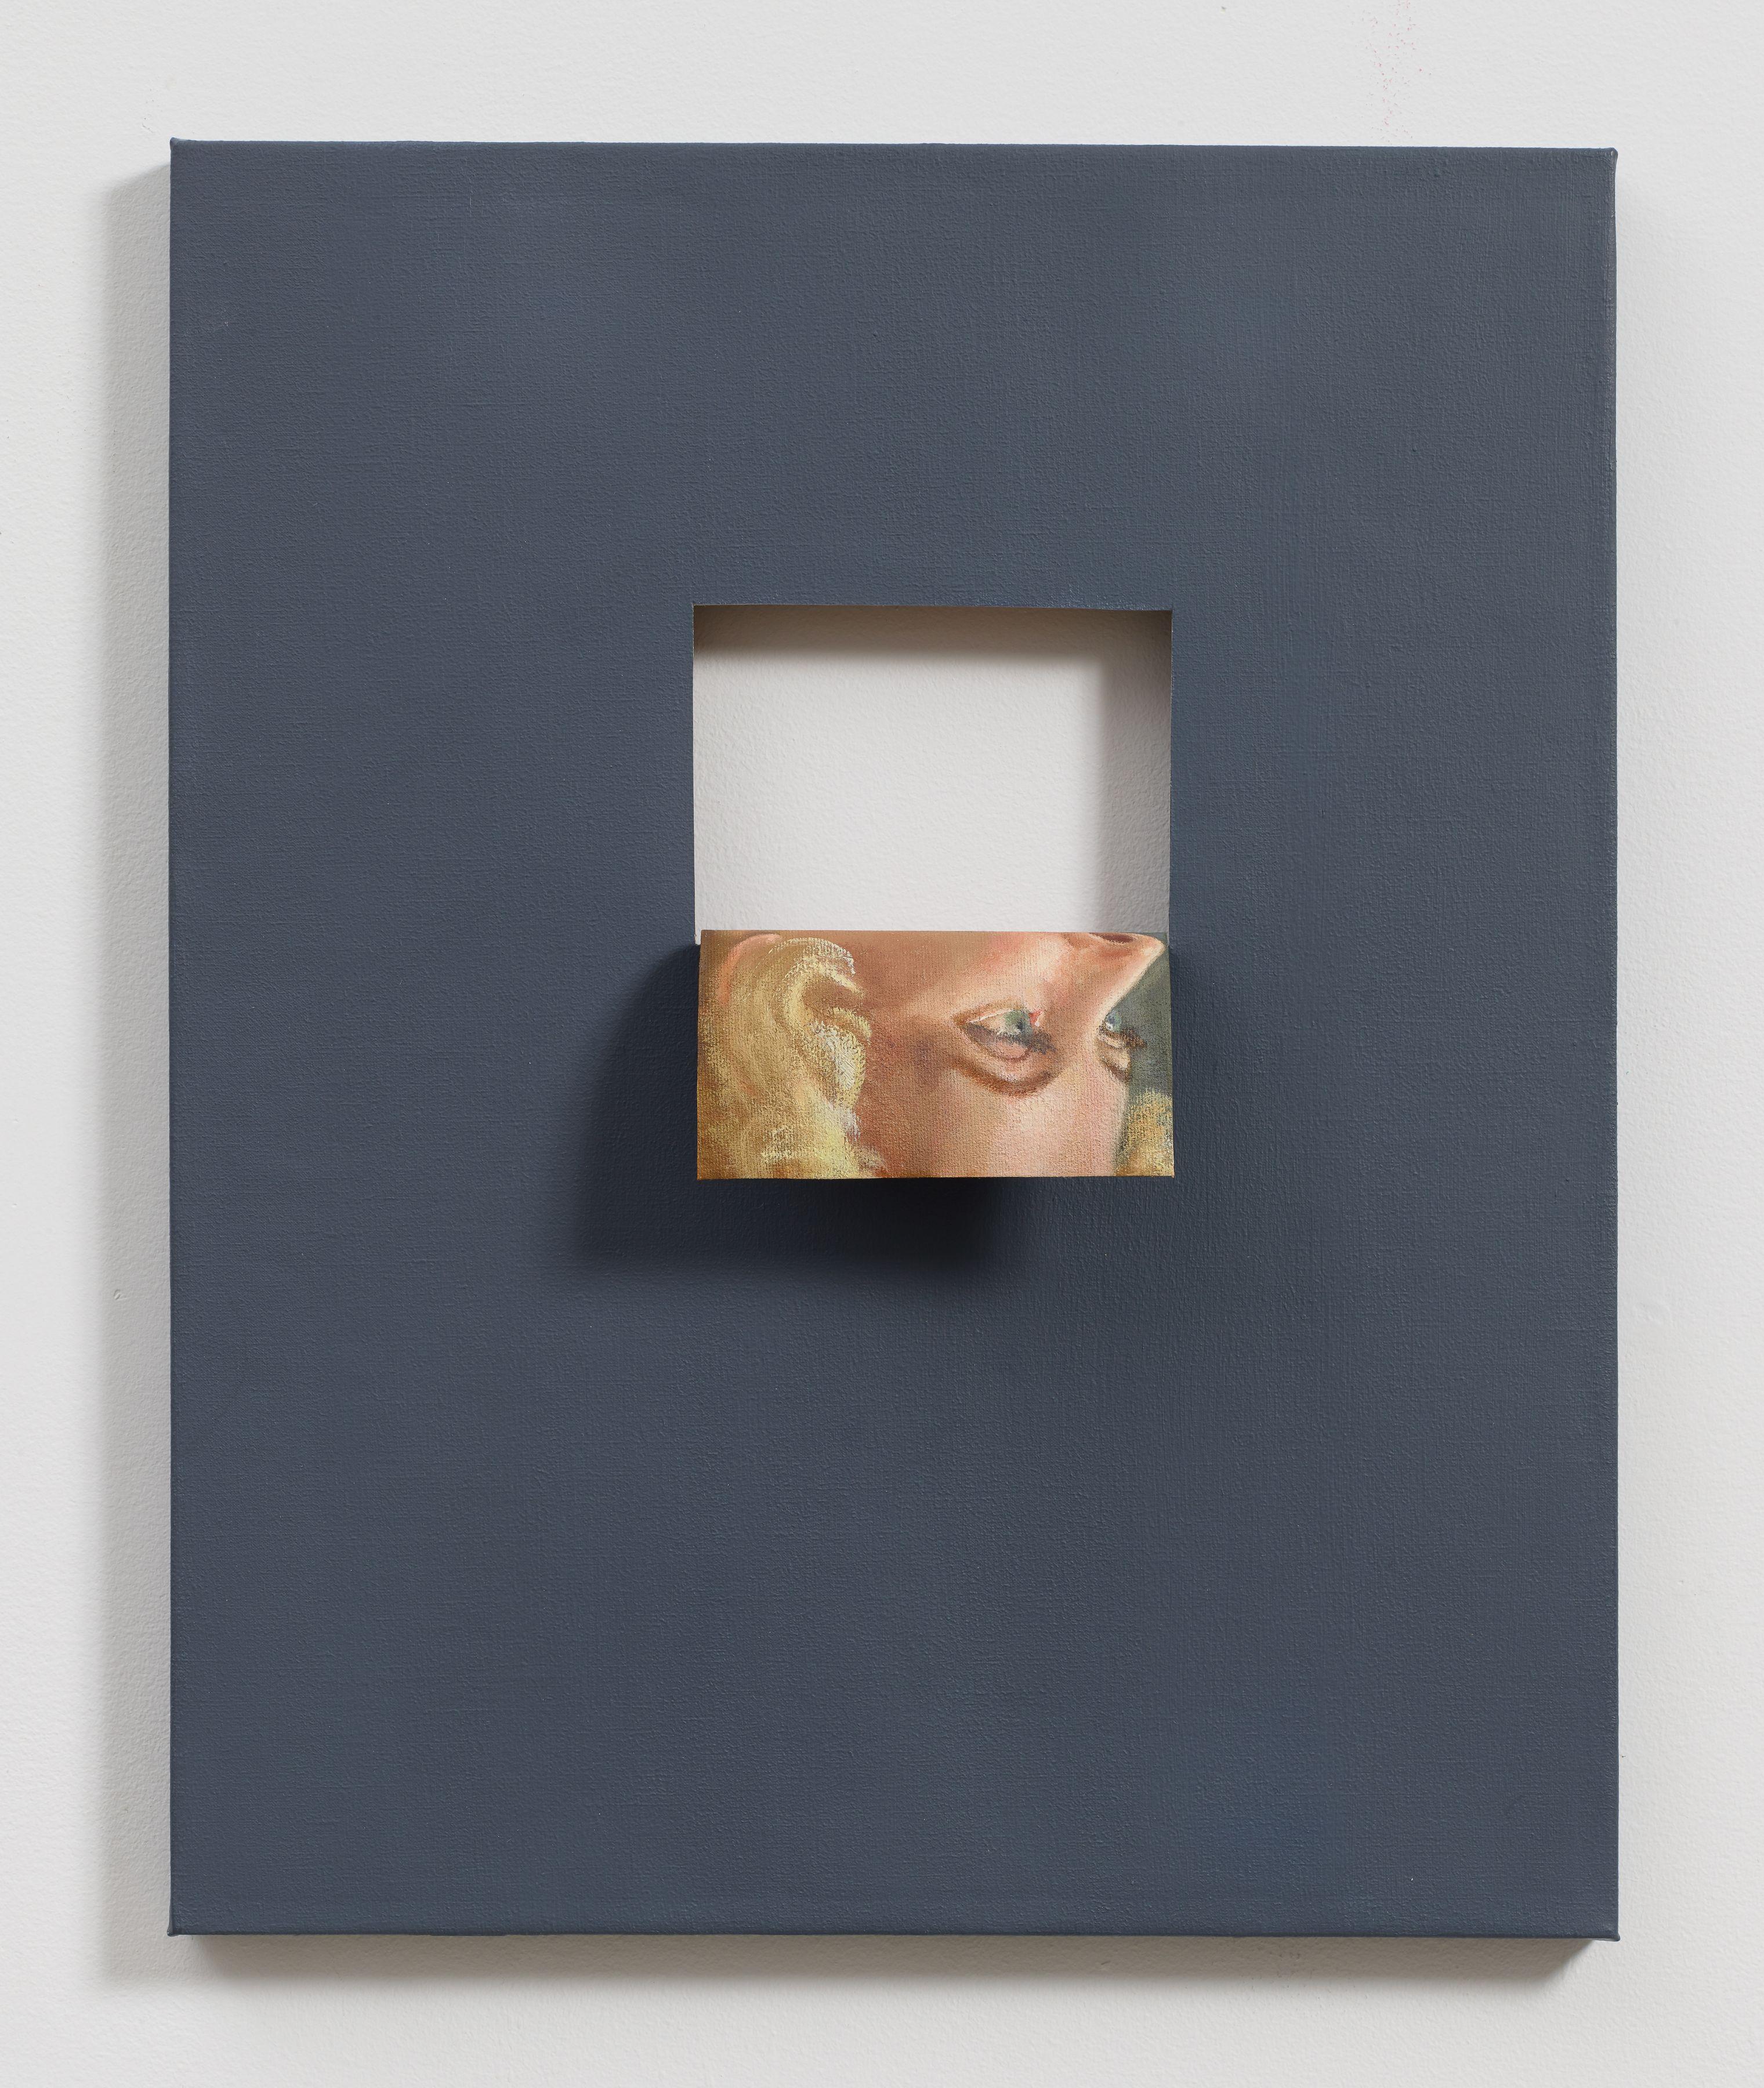 Valeska Soares, Doubleface (Gris de Payne), 2017